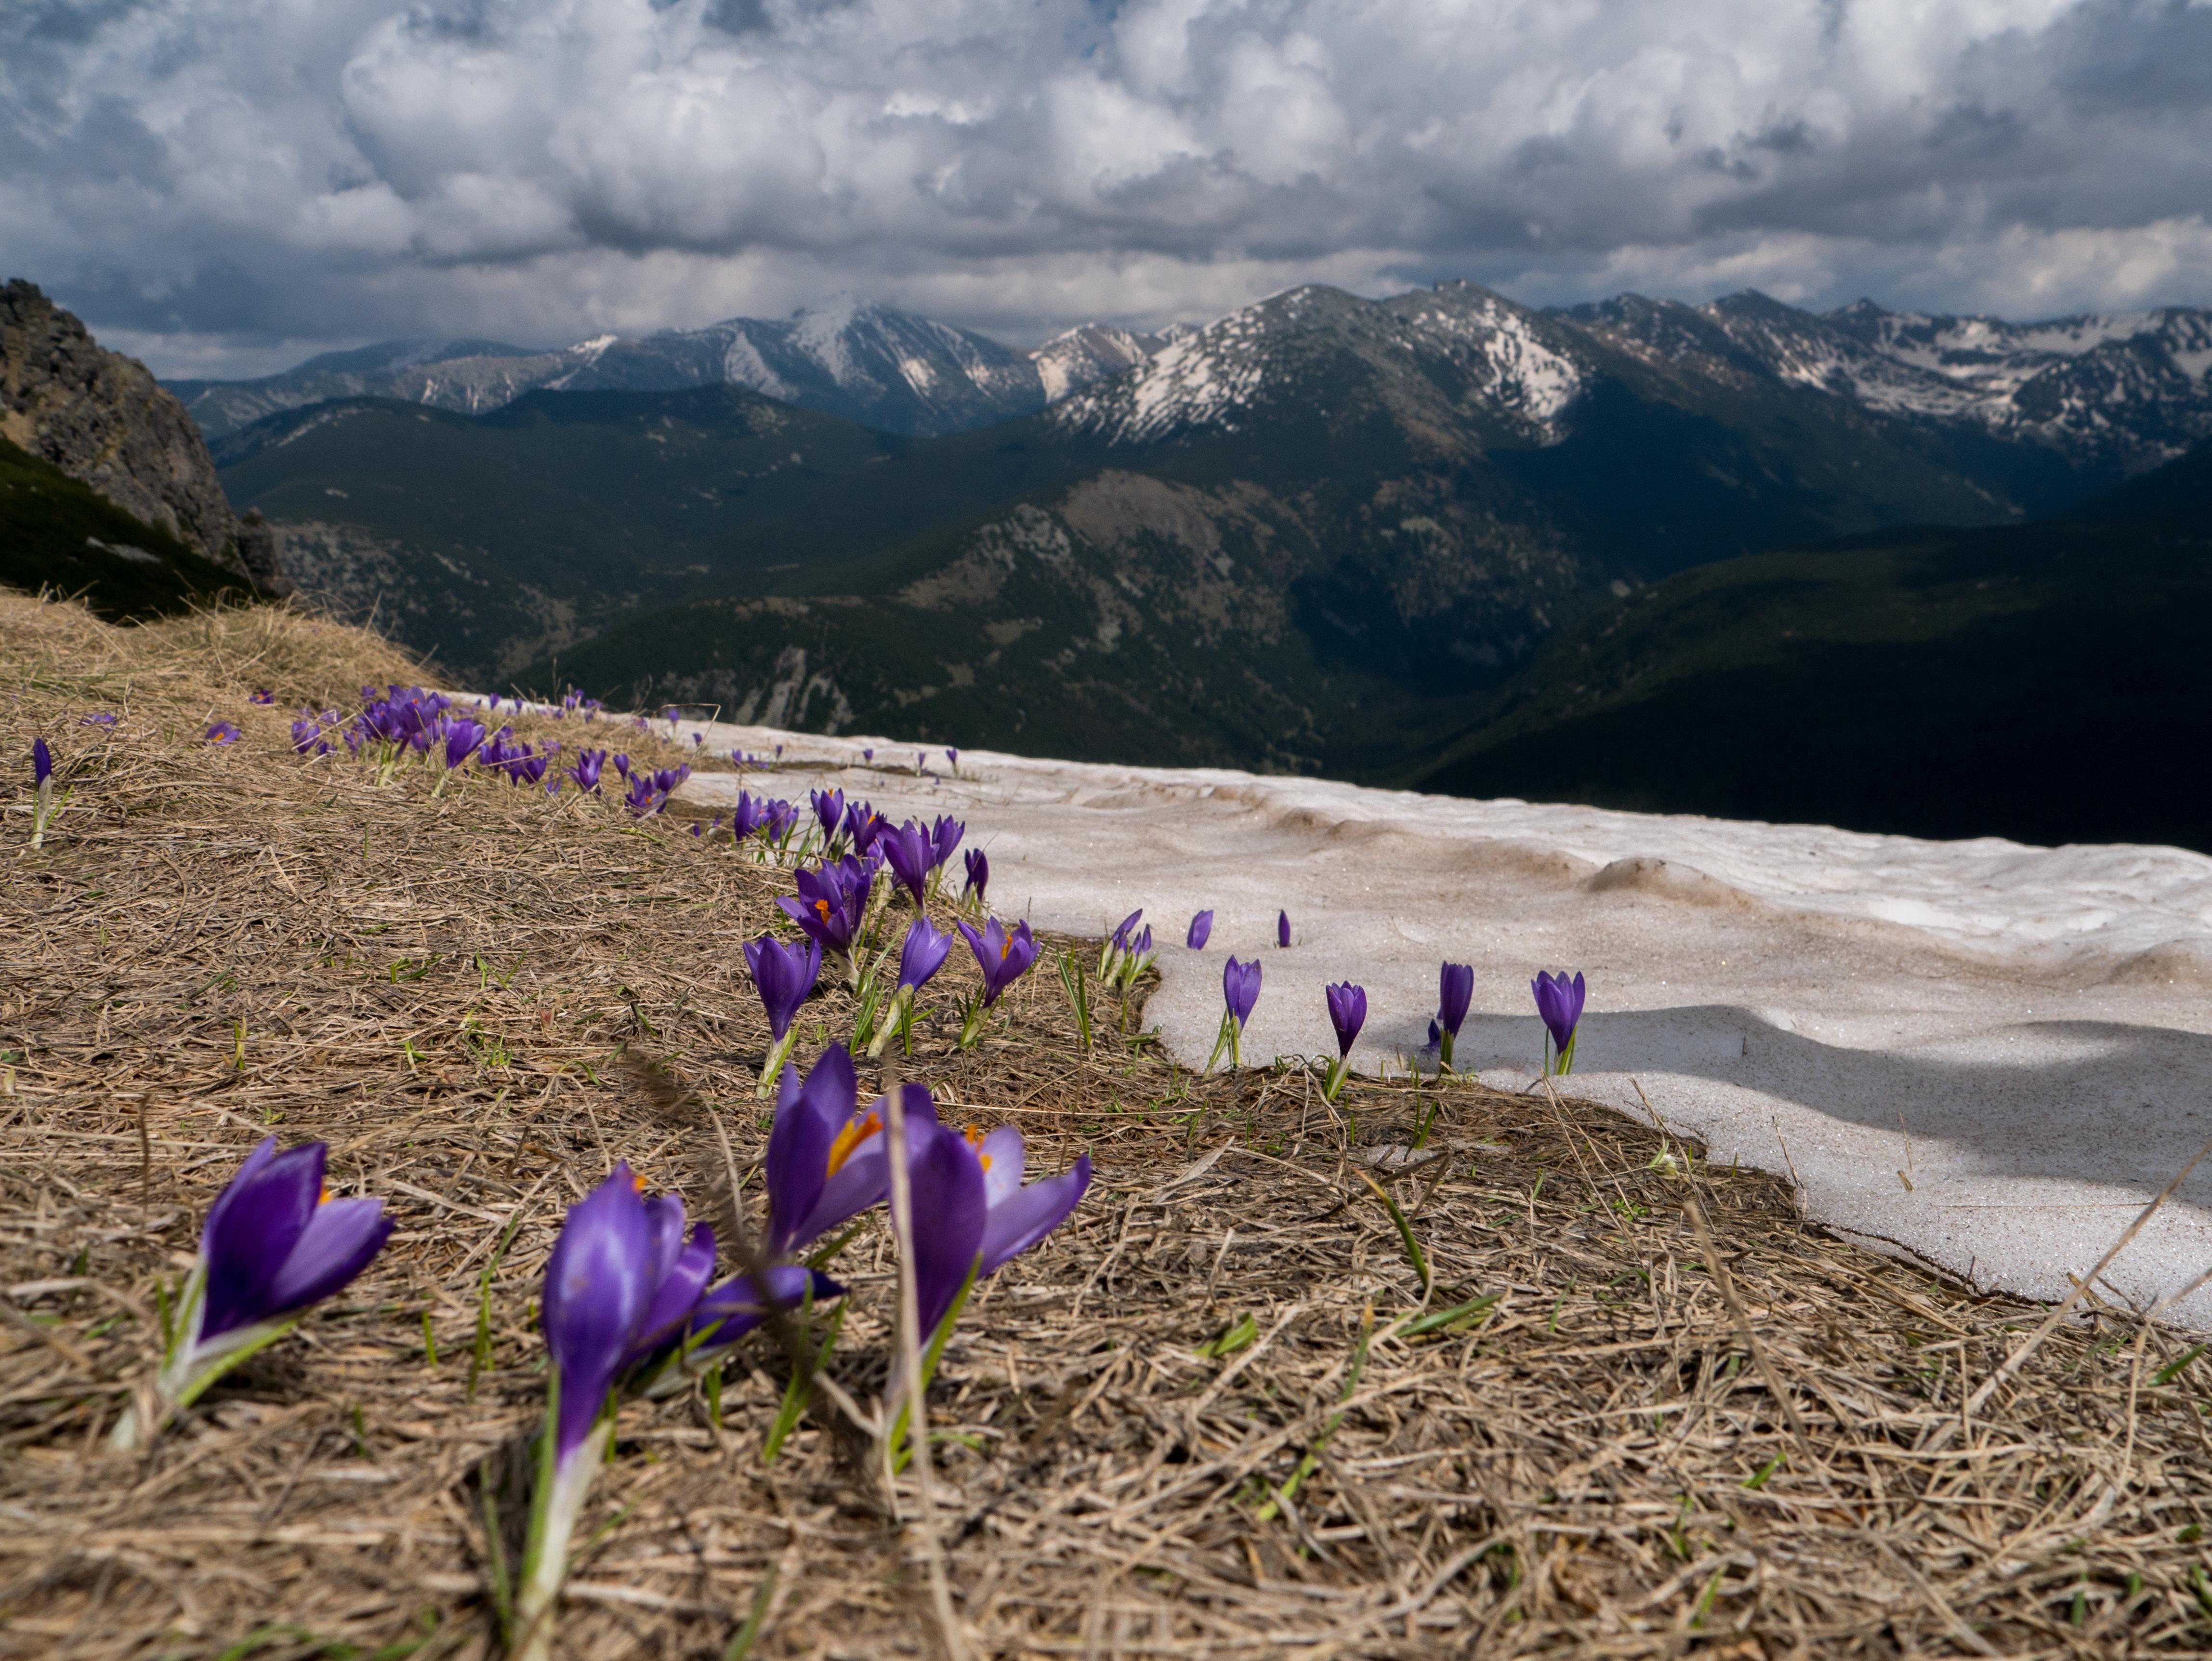 Биосферен резерват Парангалица в Рила: връх Мусала на изкачване към връх Мечит. Автор: Иван Стефанов Коев. Лиценз: CC-BY-SA 4.0. Източник: Общомедия